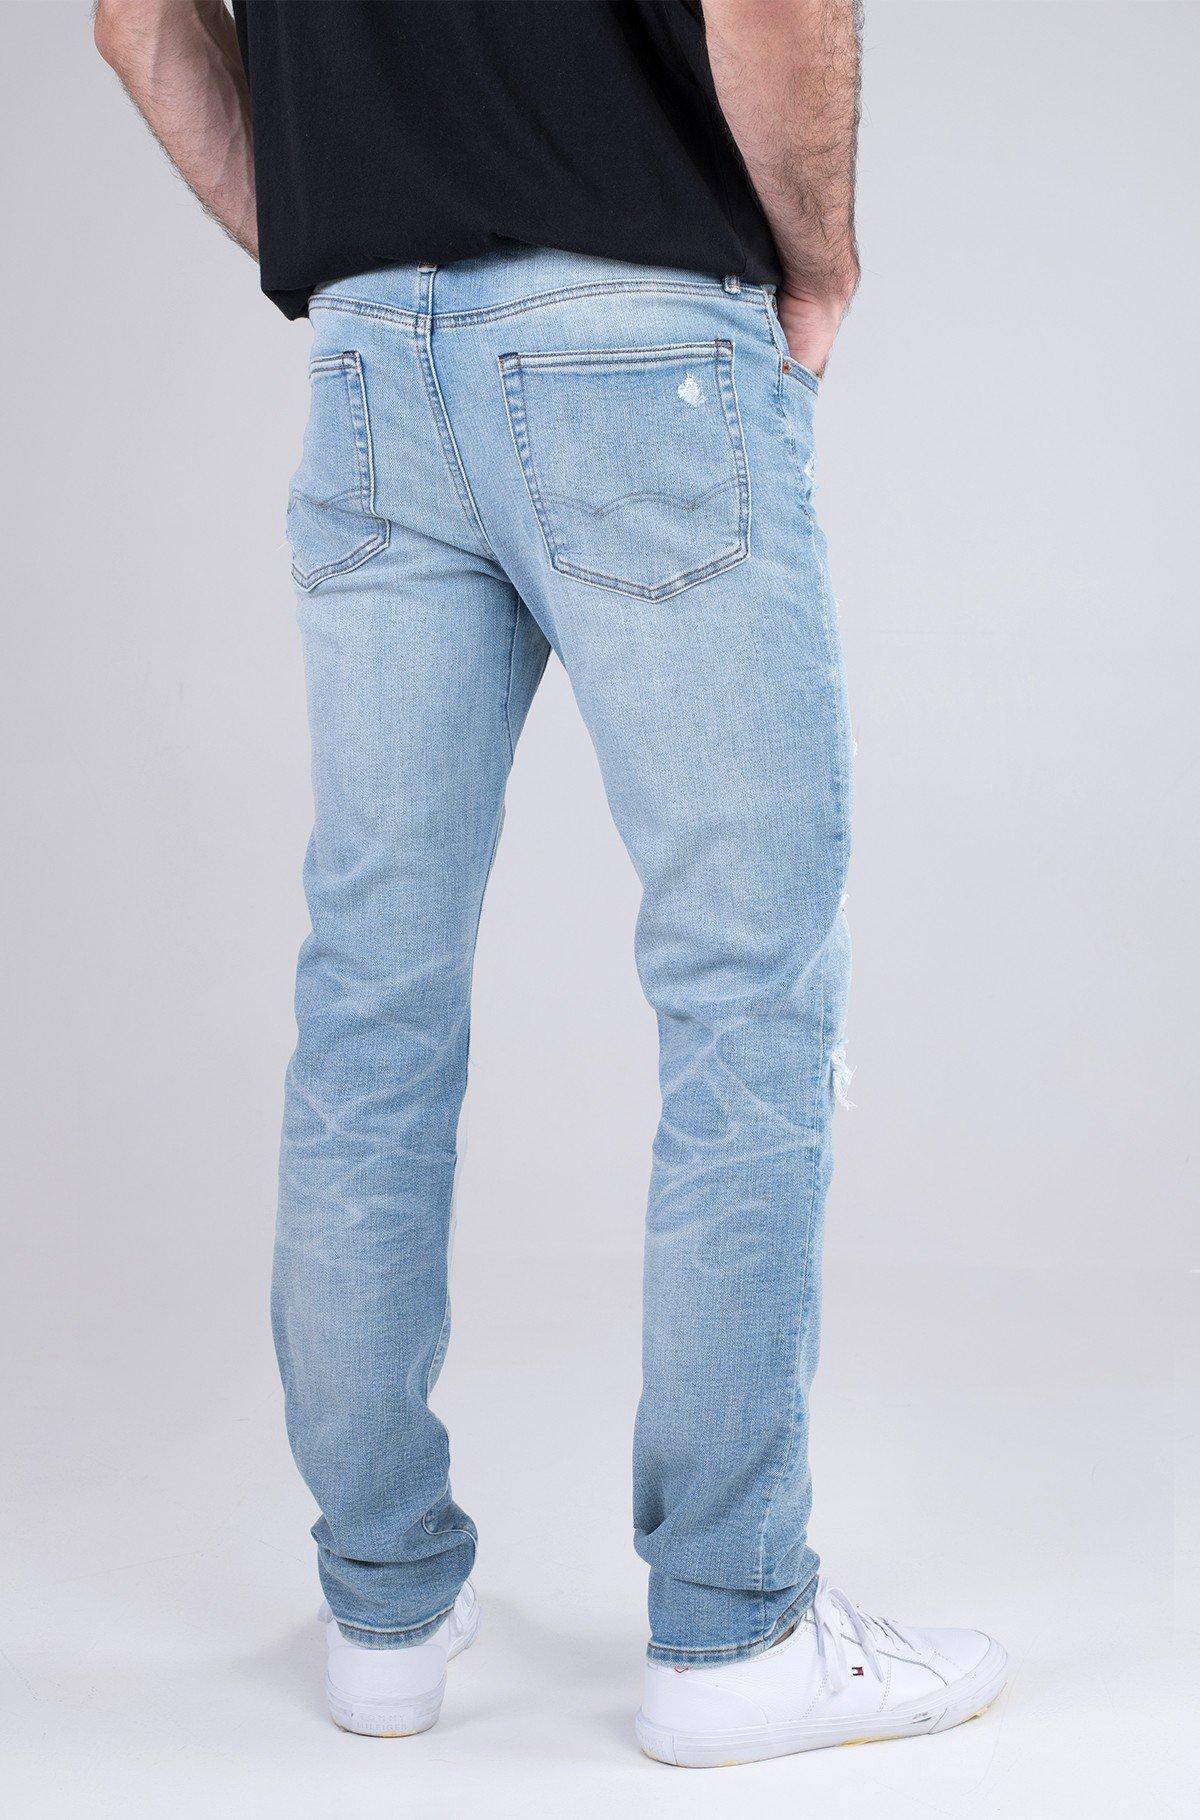 Jeans 011-0117-5763-full-2